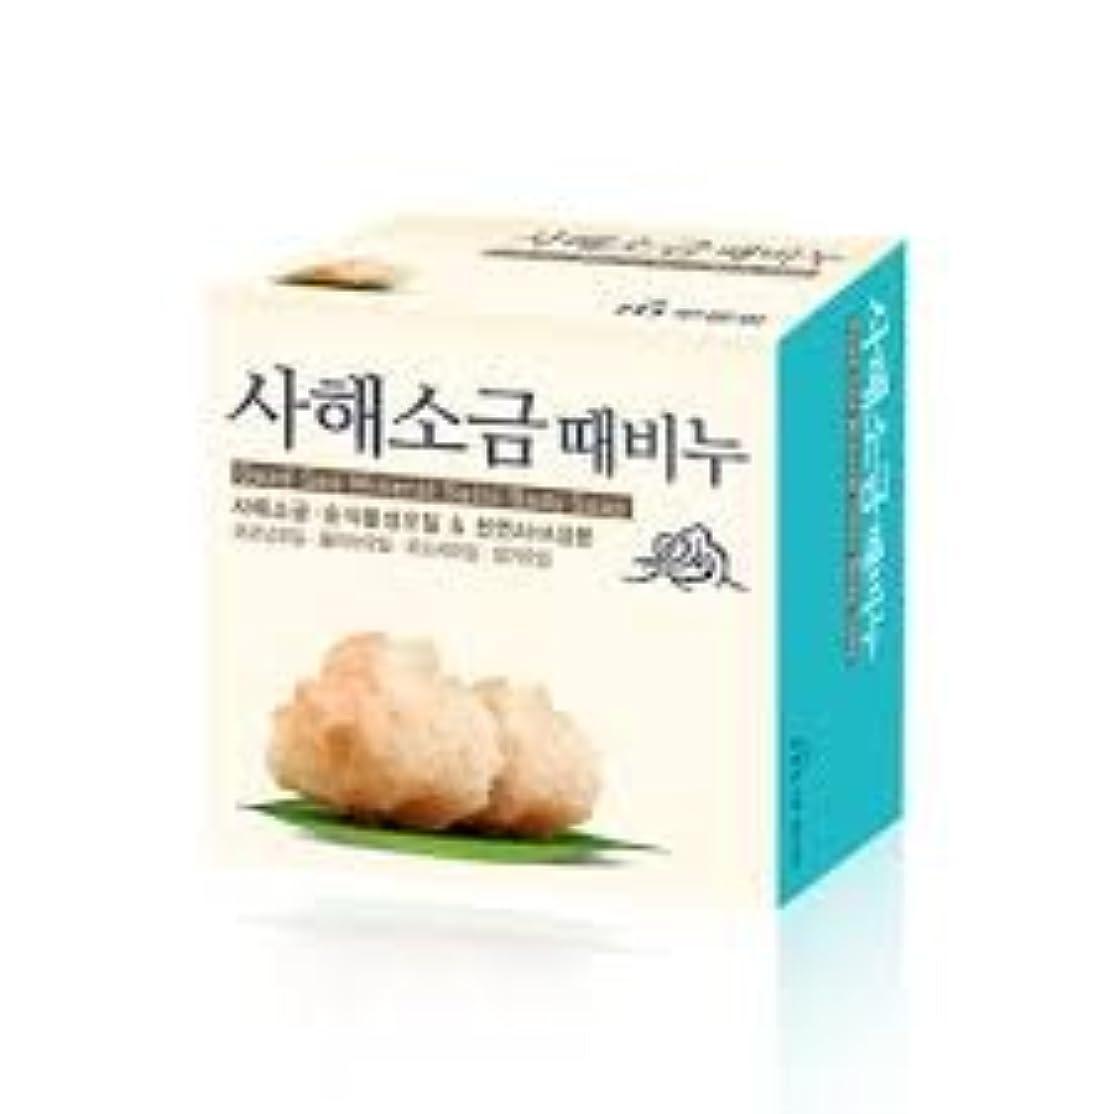 クリップ恥ずかしさやさしいムグンファ[MUKUNGHWA] 死海 塩 垢石鹸 100g/ Dead Sea Mineral Salts Body Soap